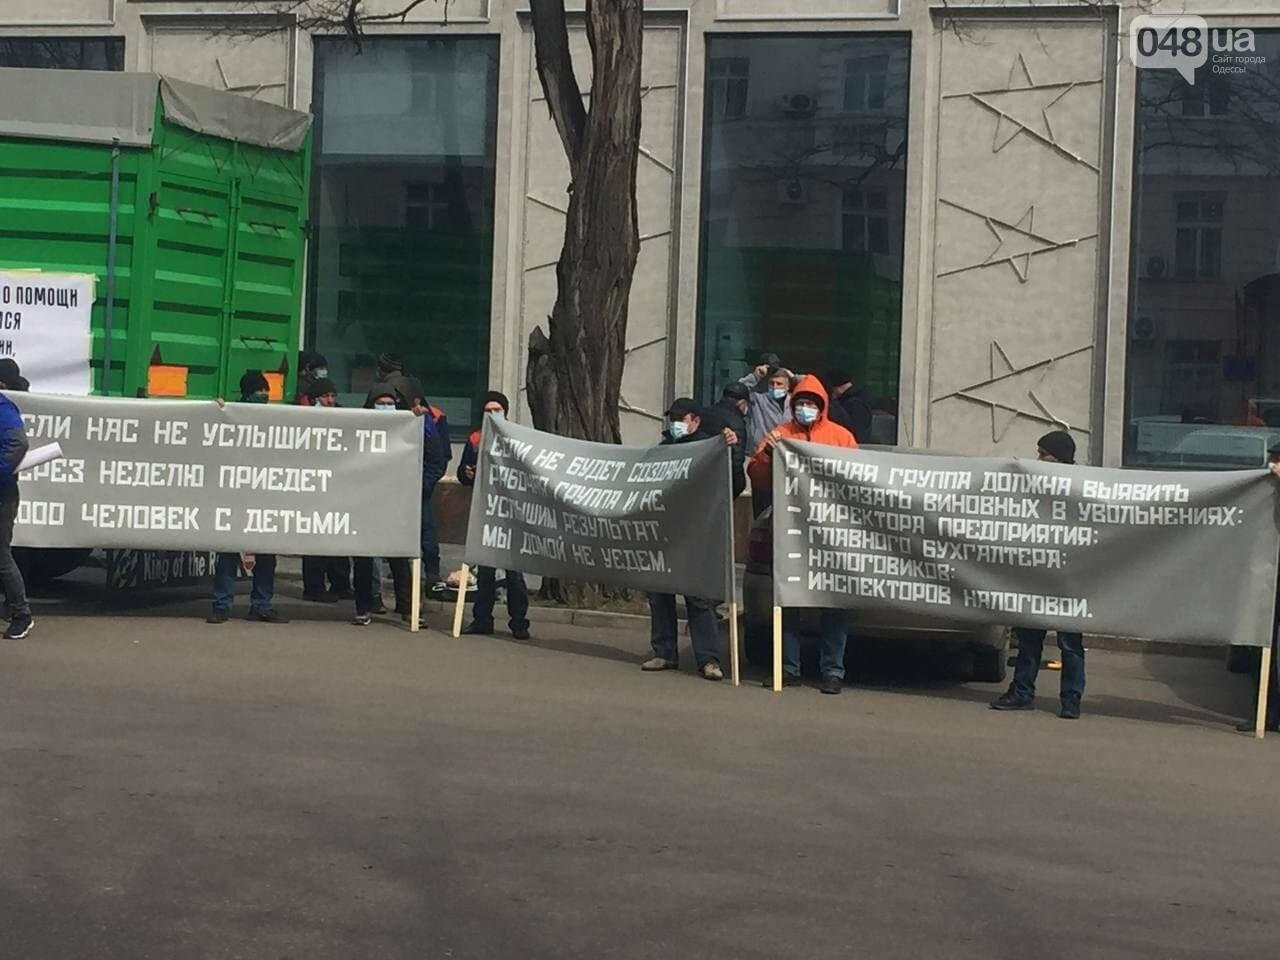 Митинг работников Измаильского завода в Одессе: под налоговую пригнали фуру, - ФОТО, фото-3